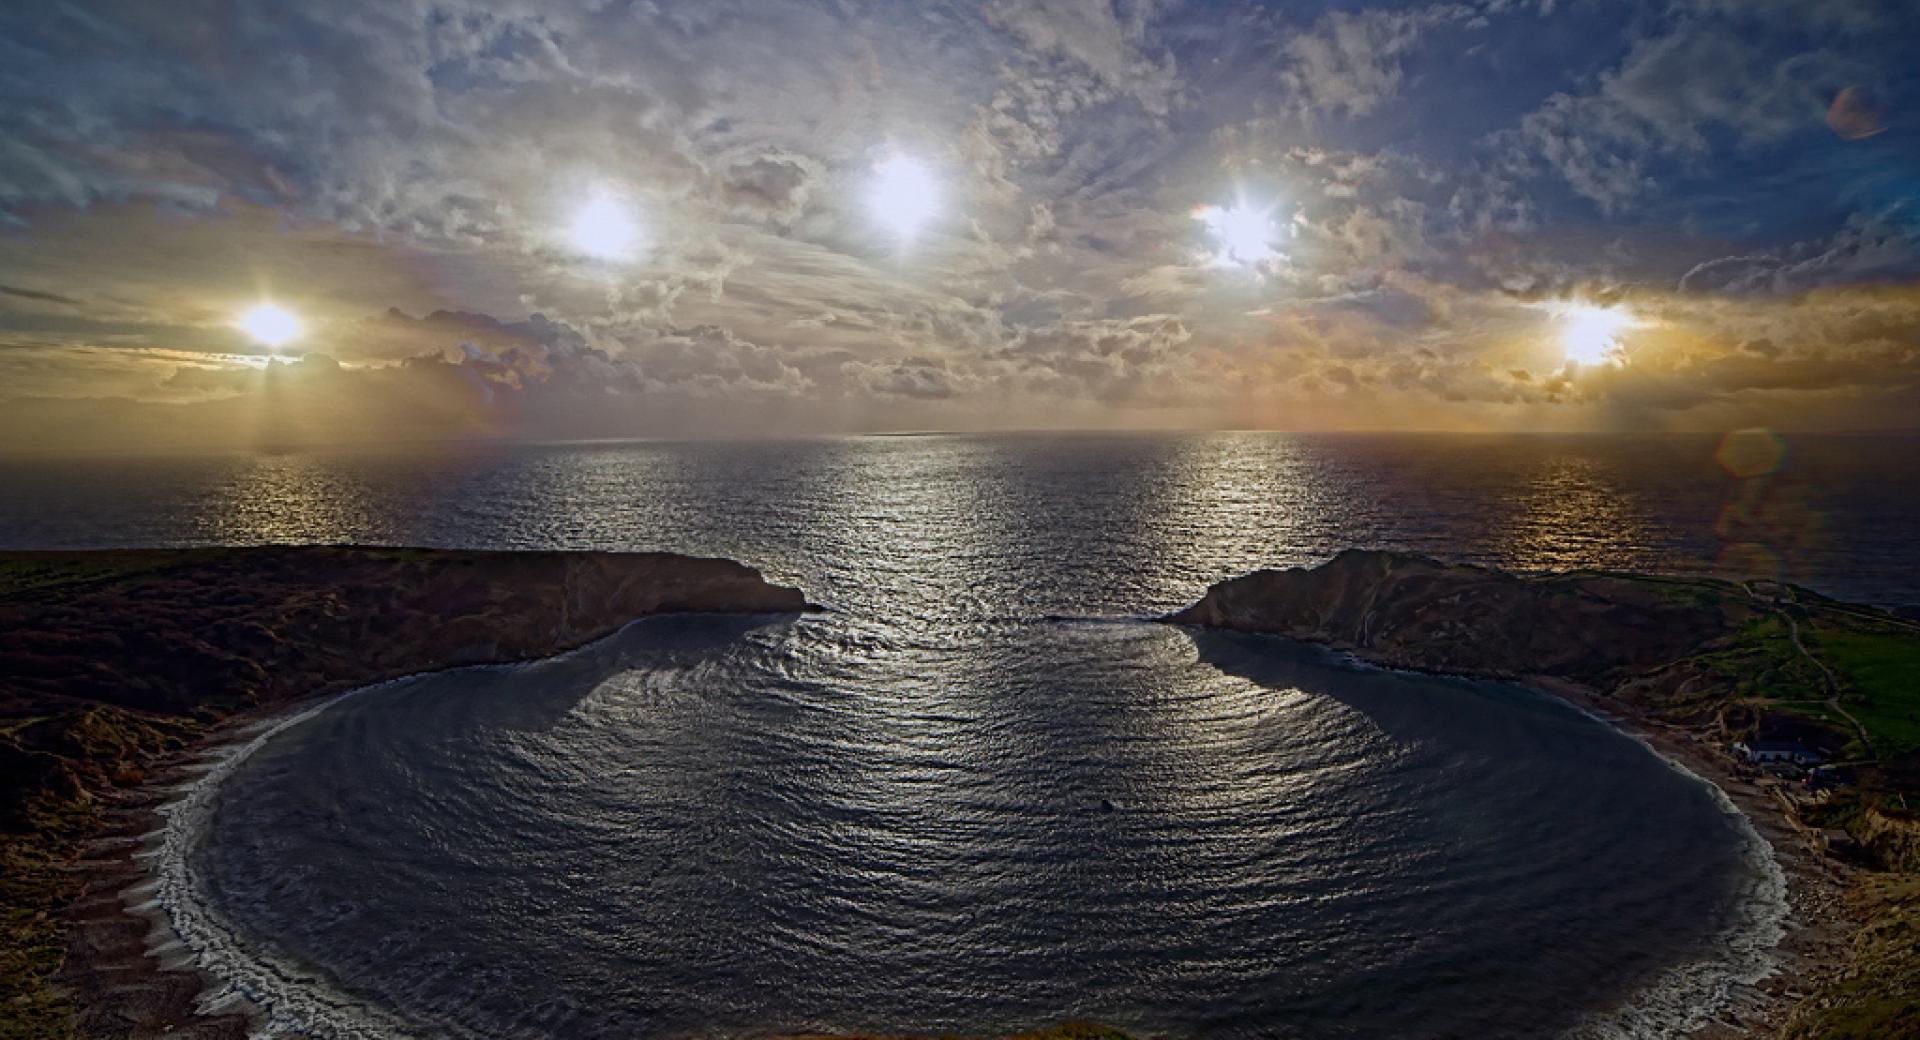 Χειμερινό Ηλιοστάσιο: Σήμερα είναι η μεγαλύτερη νύχτα του 2018